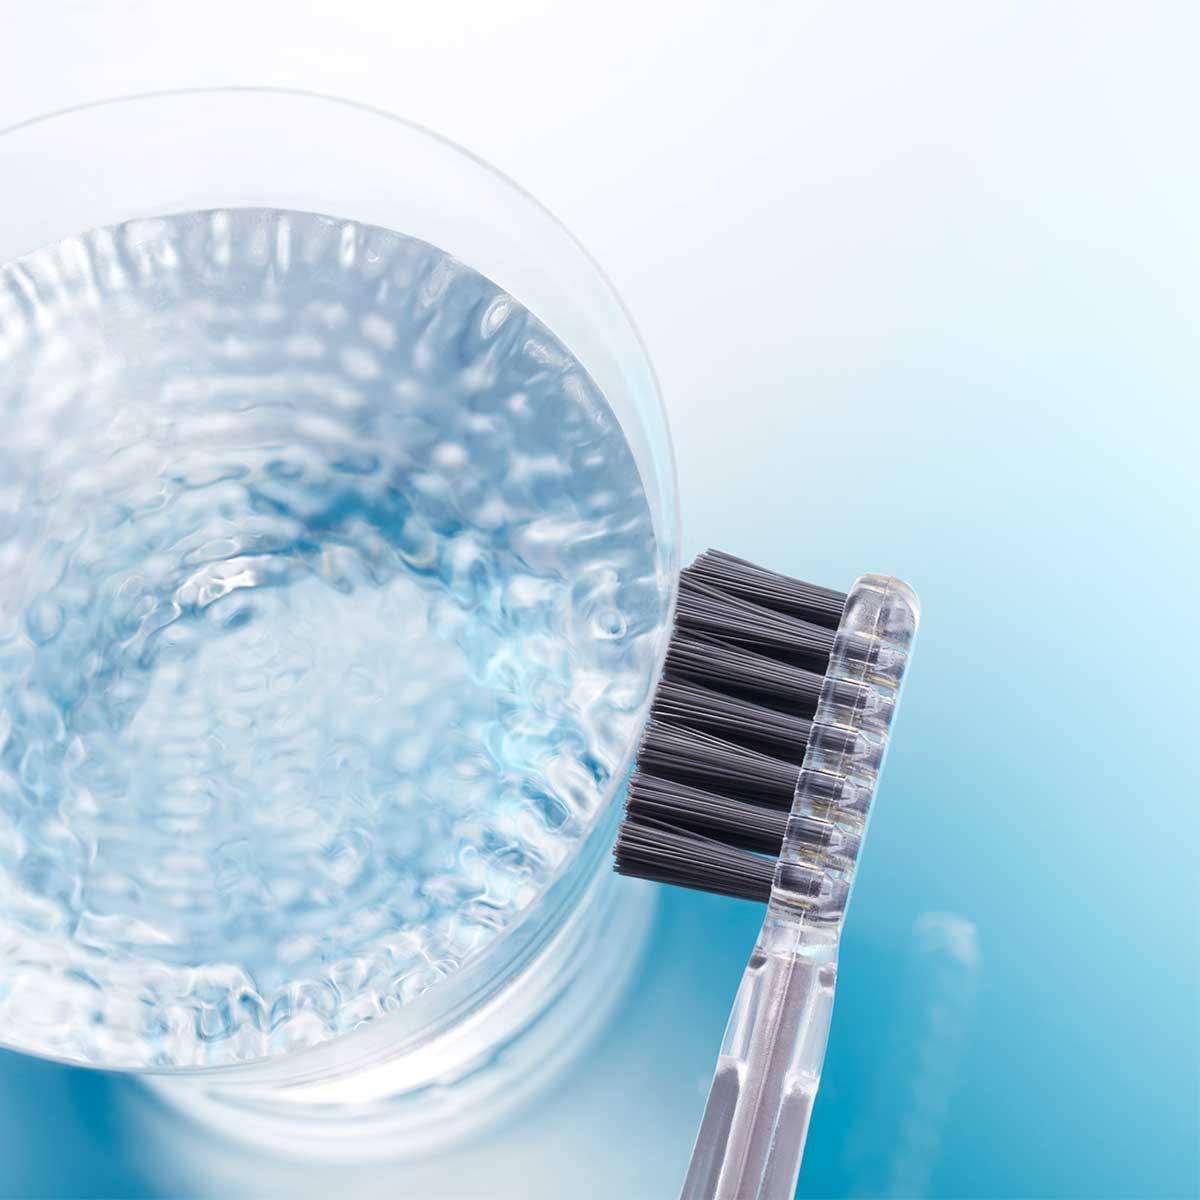 ソーラーパネルを2倍大きくすることで、光を取り込みやすくして、歯垢除去のためのマイナス電子を十分に発生させた。光触媒の効果で、歯磨き粉なしでも歯垢がとれる「電動歯ブラシ」|SOLADEY